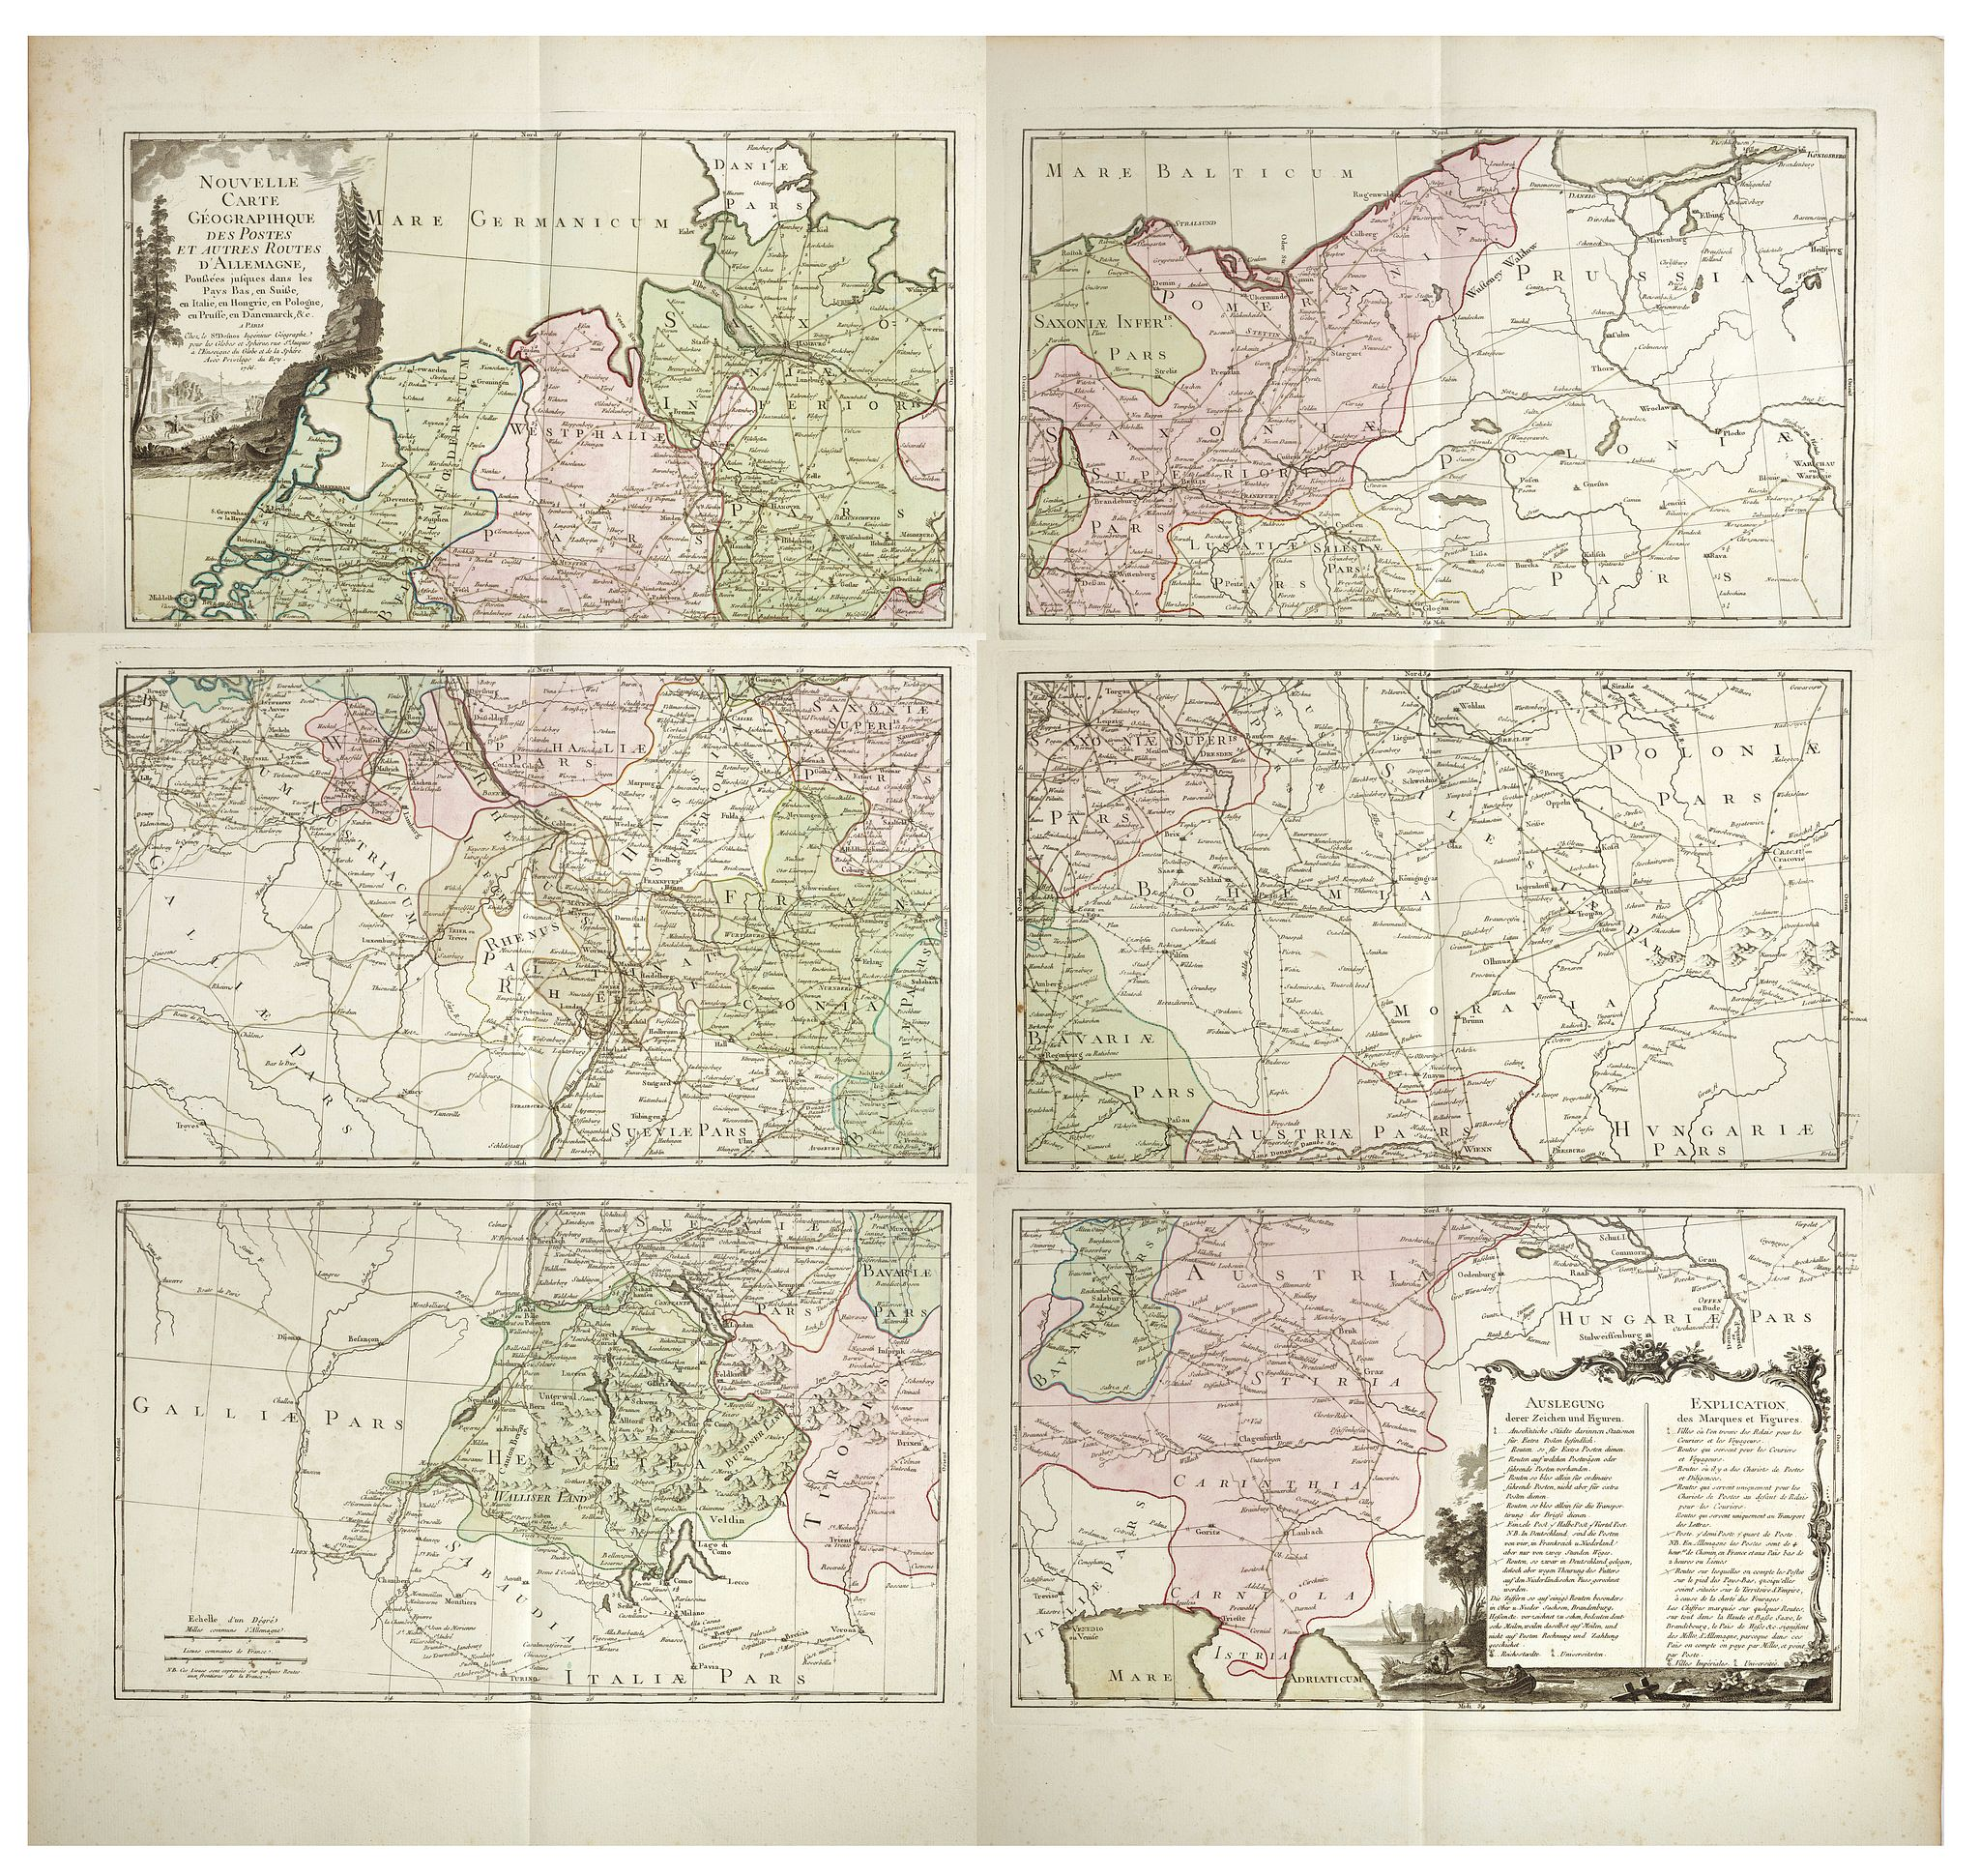 DESNOS, Louis Charles -  Nouvelle carte géographique des postes et autres routes d'Allemage,